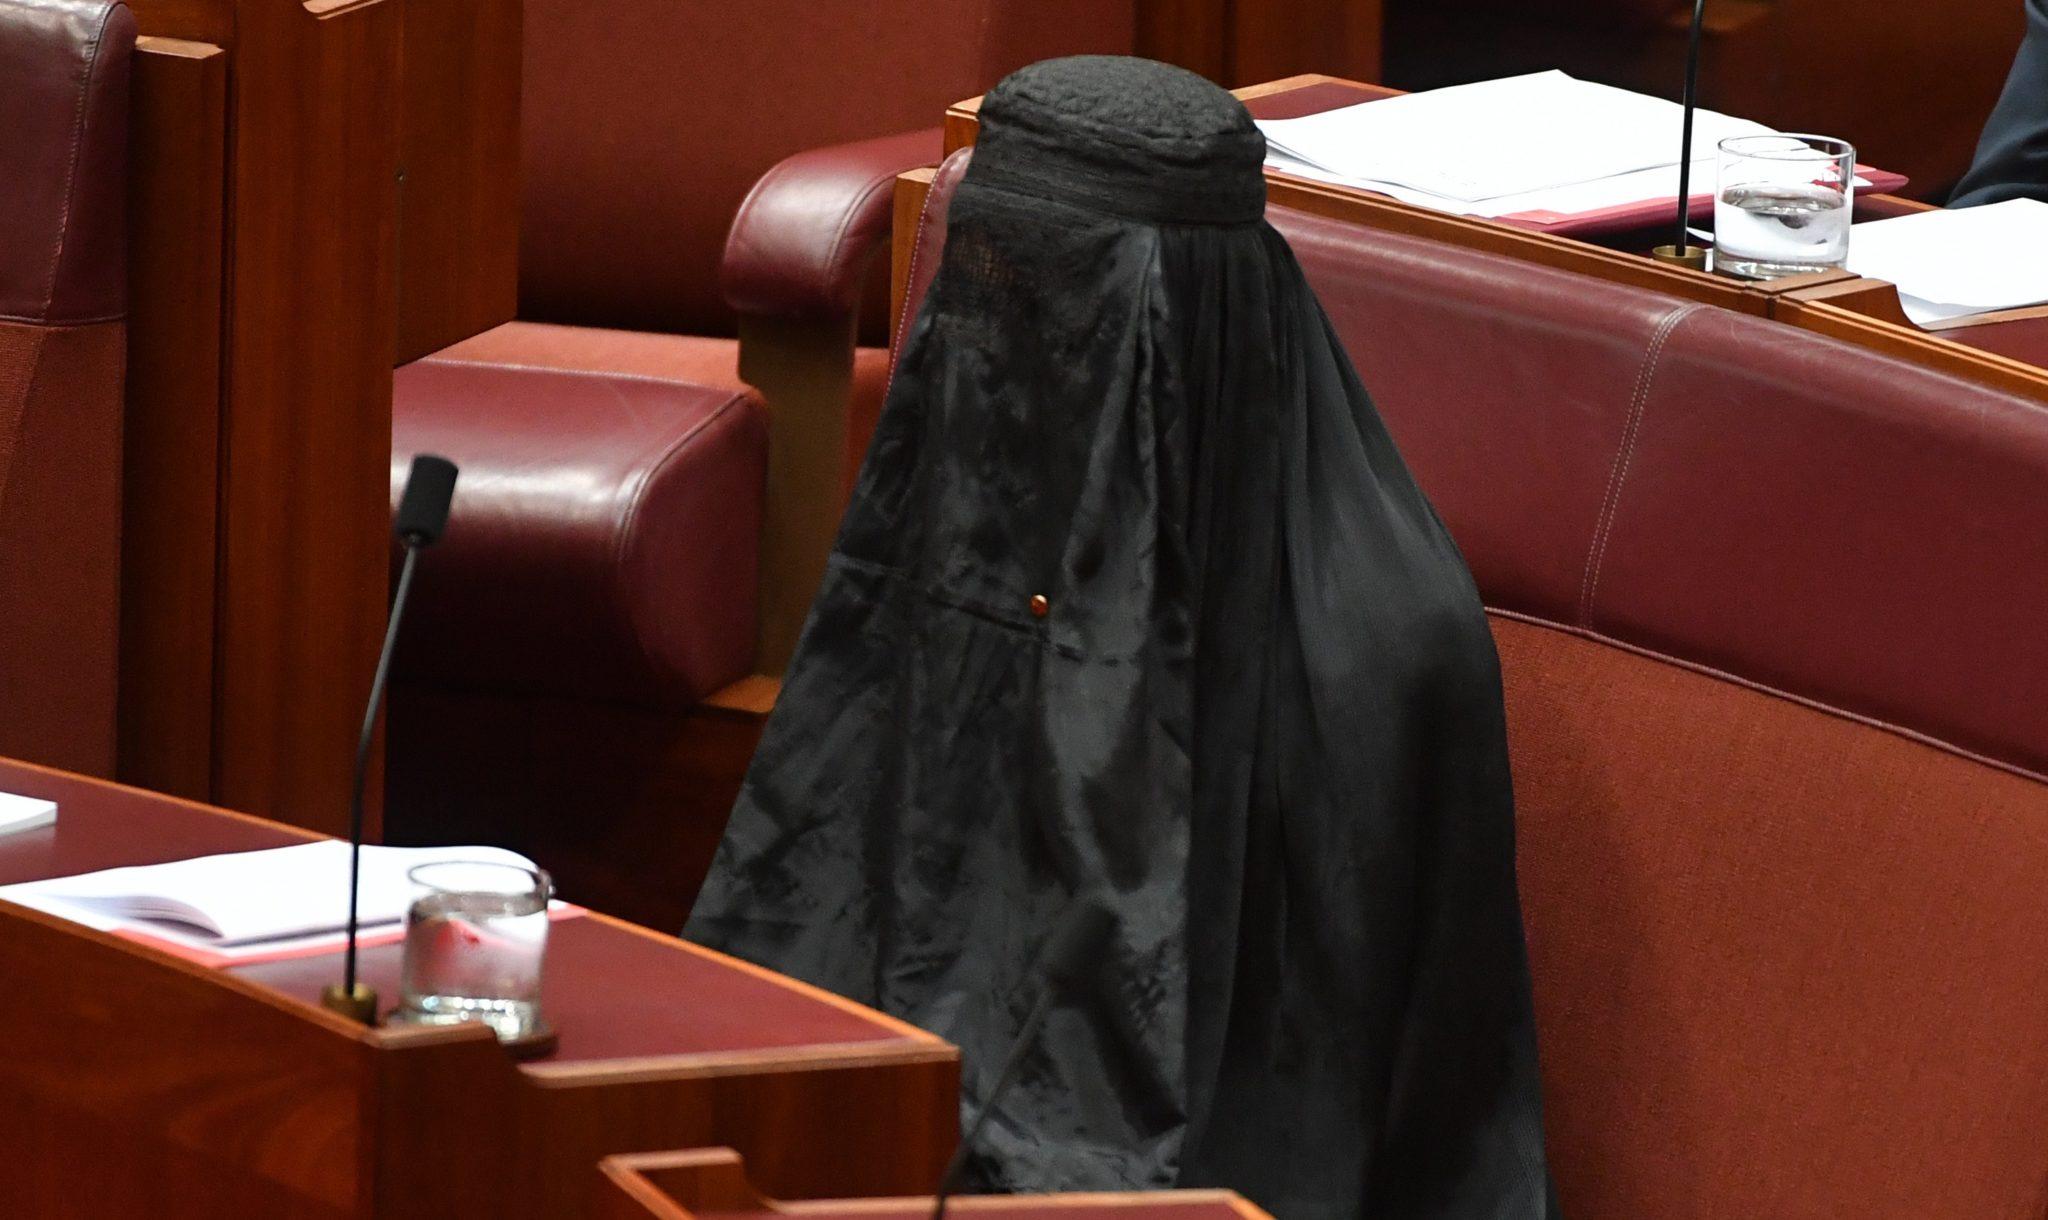 Afbeeldingsresultaat voor De hoofddoek/ook boerka en hijab/ werd opgelegd om de vrouwen te tonen dat zij tweederangs burgers